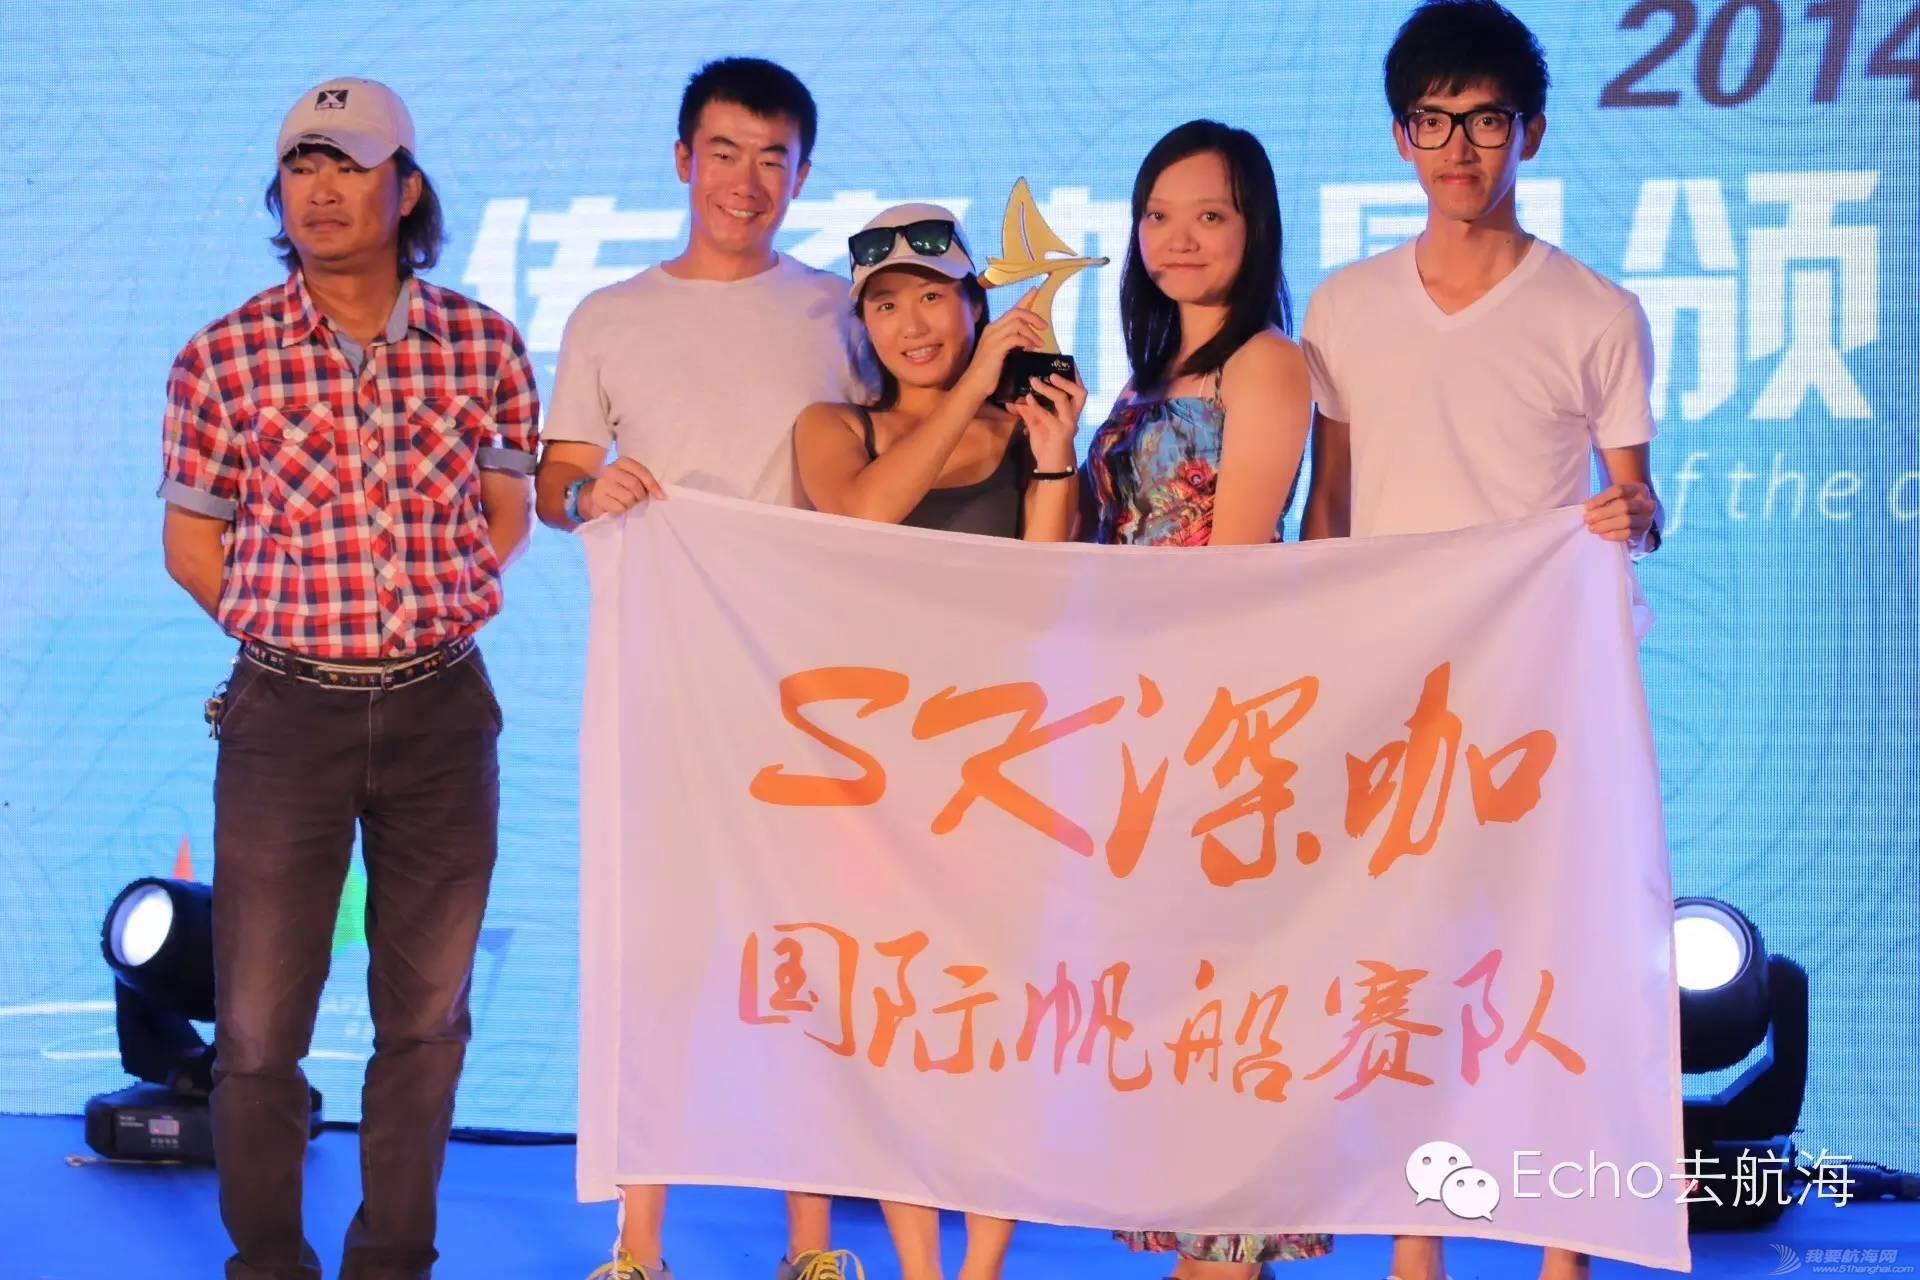 深圳女孩辞职看世界 参加克利伯环球帆船赛